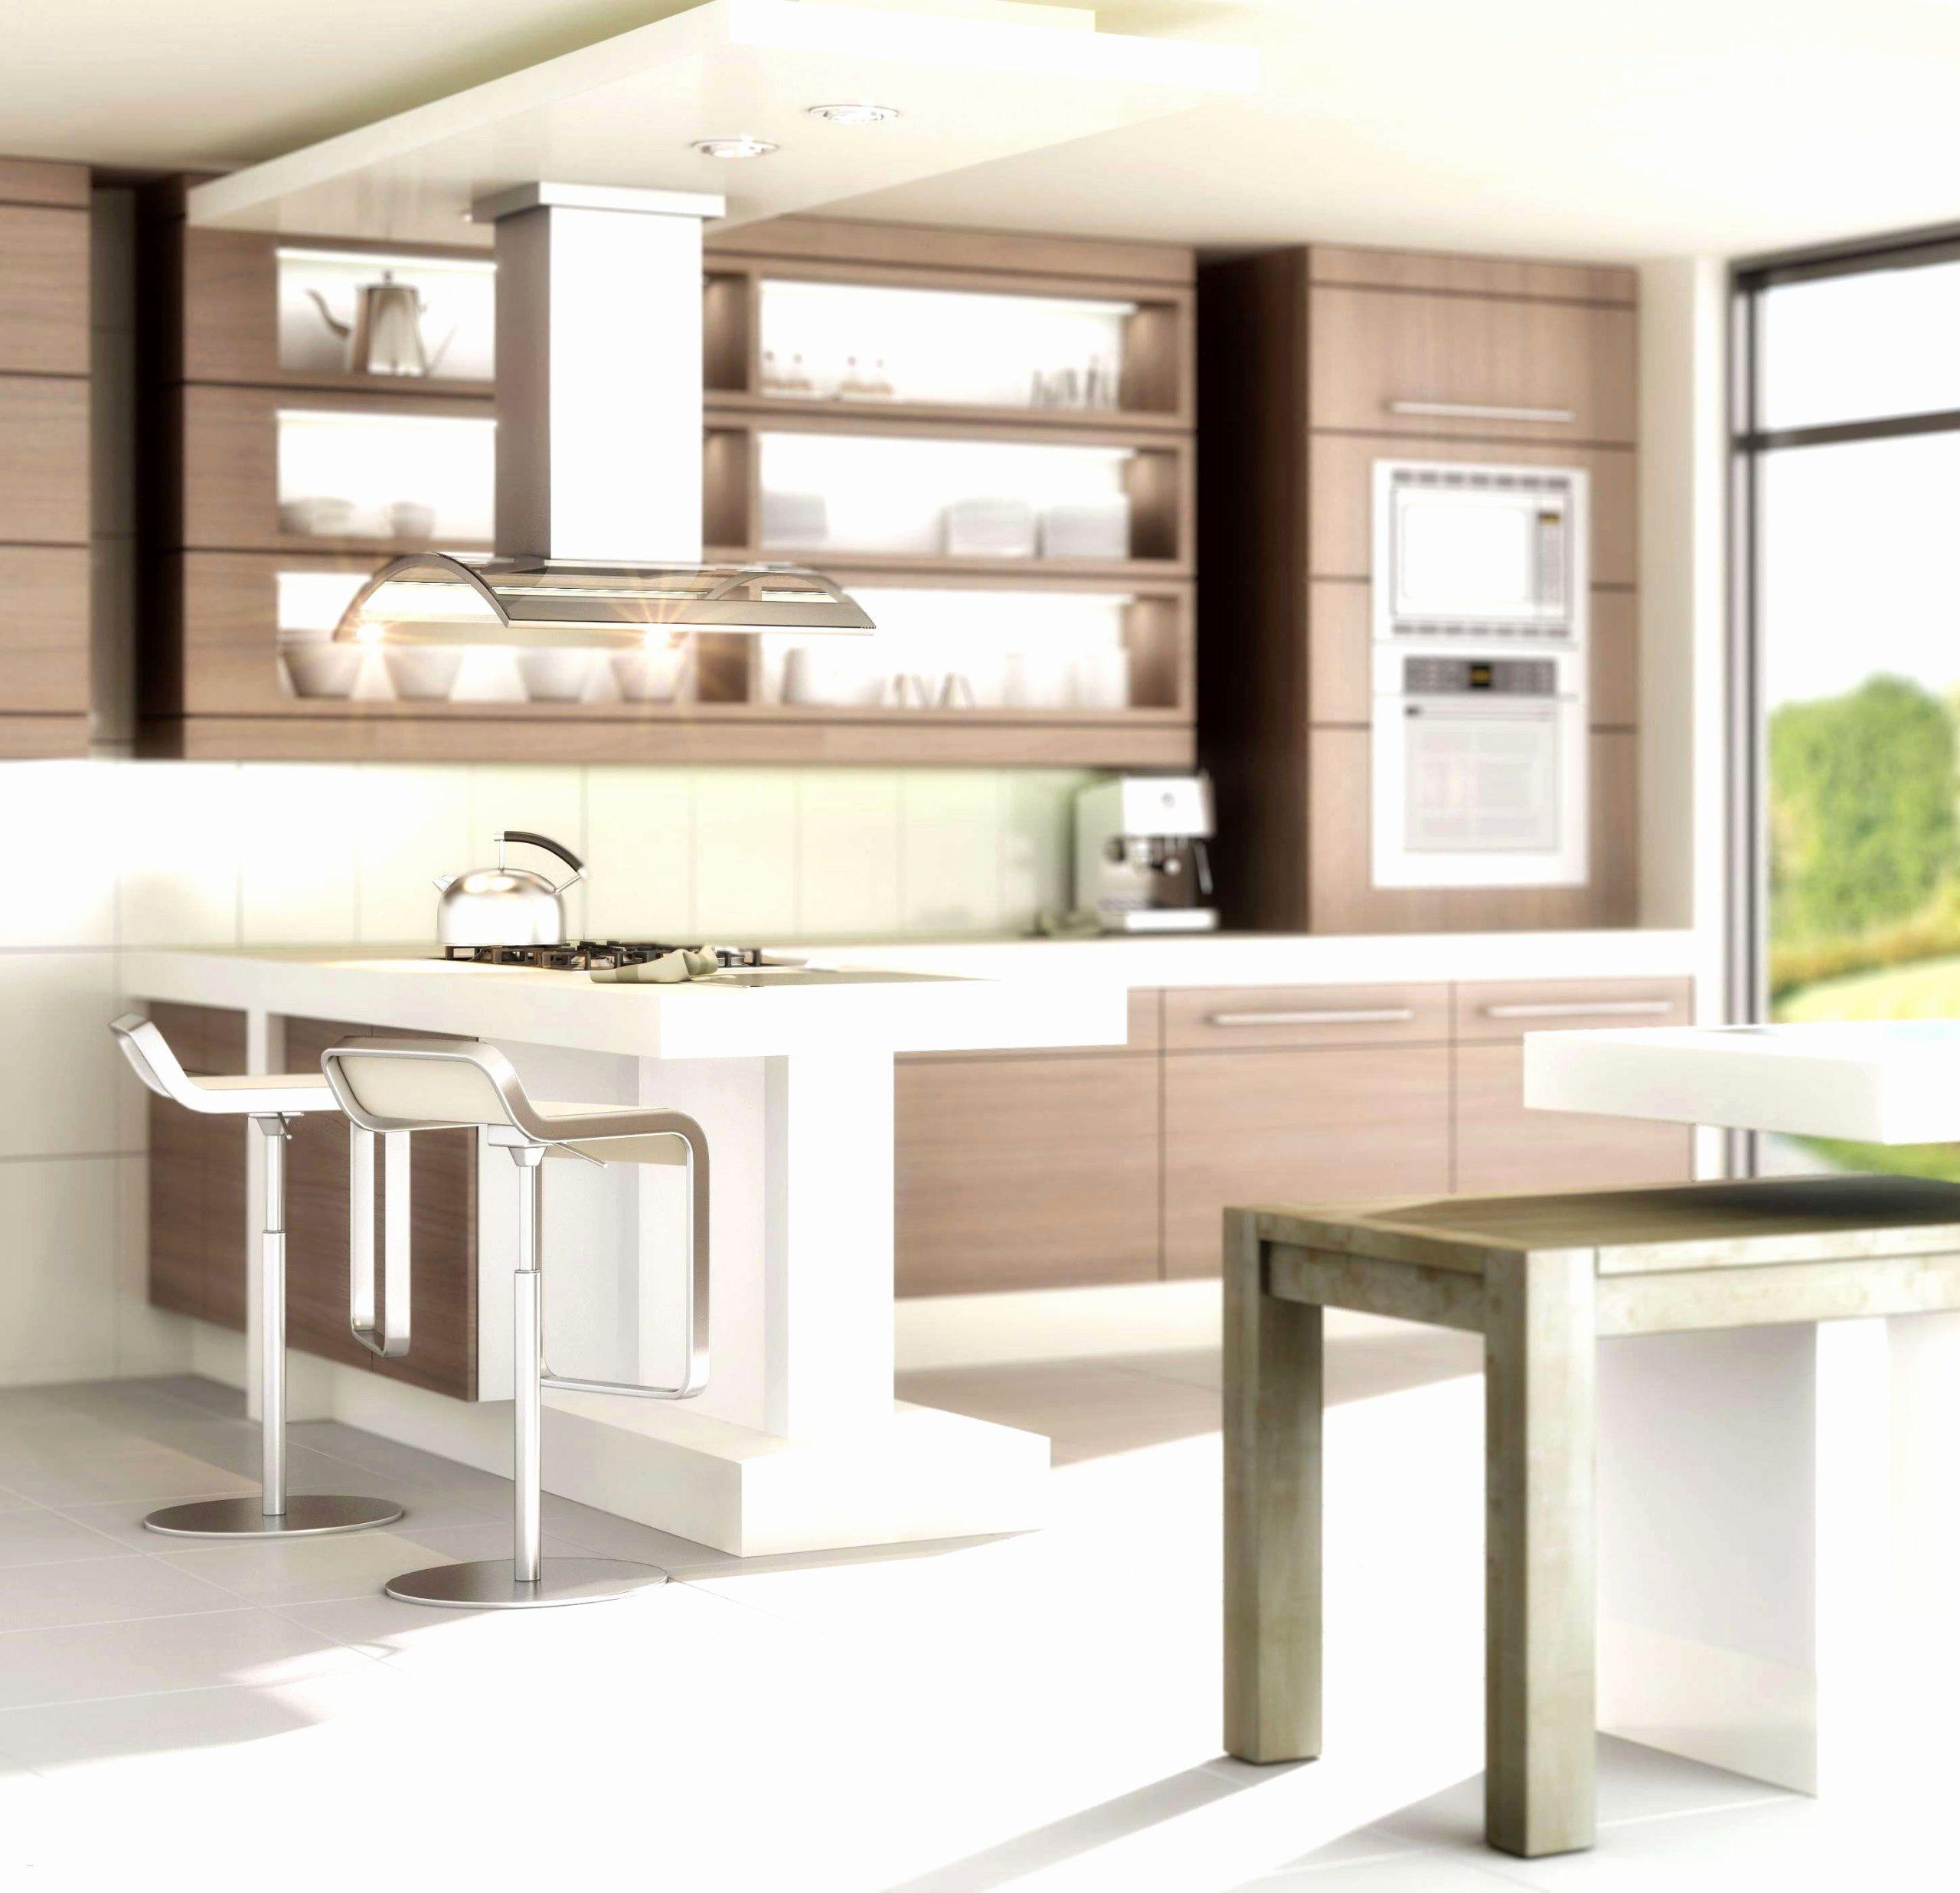 Full Size of Theke Selber Bauen Ikea Genial Einzigartig Abfalleimer Küche Landhausstil Kaufen Was Kostet Eine Polsterbank Rosa Lampen Regal Wandpaneel Glas Holzbrett Wohnzimmer Küche Selbst Bauen